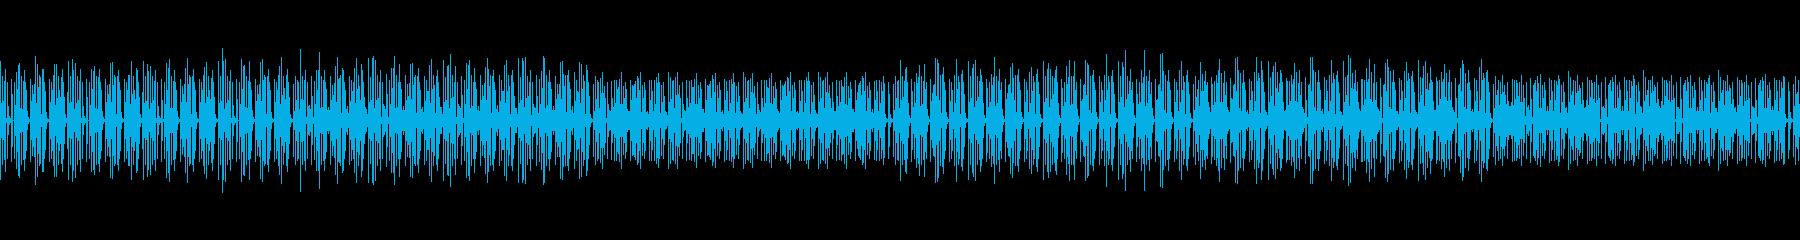 怪しい、けどかわいいポップな木琴BGMの再生済みの波形